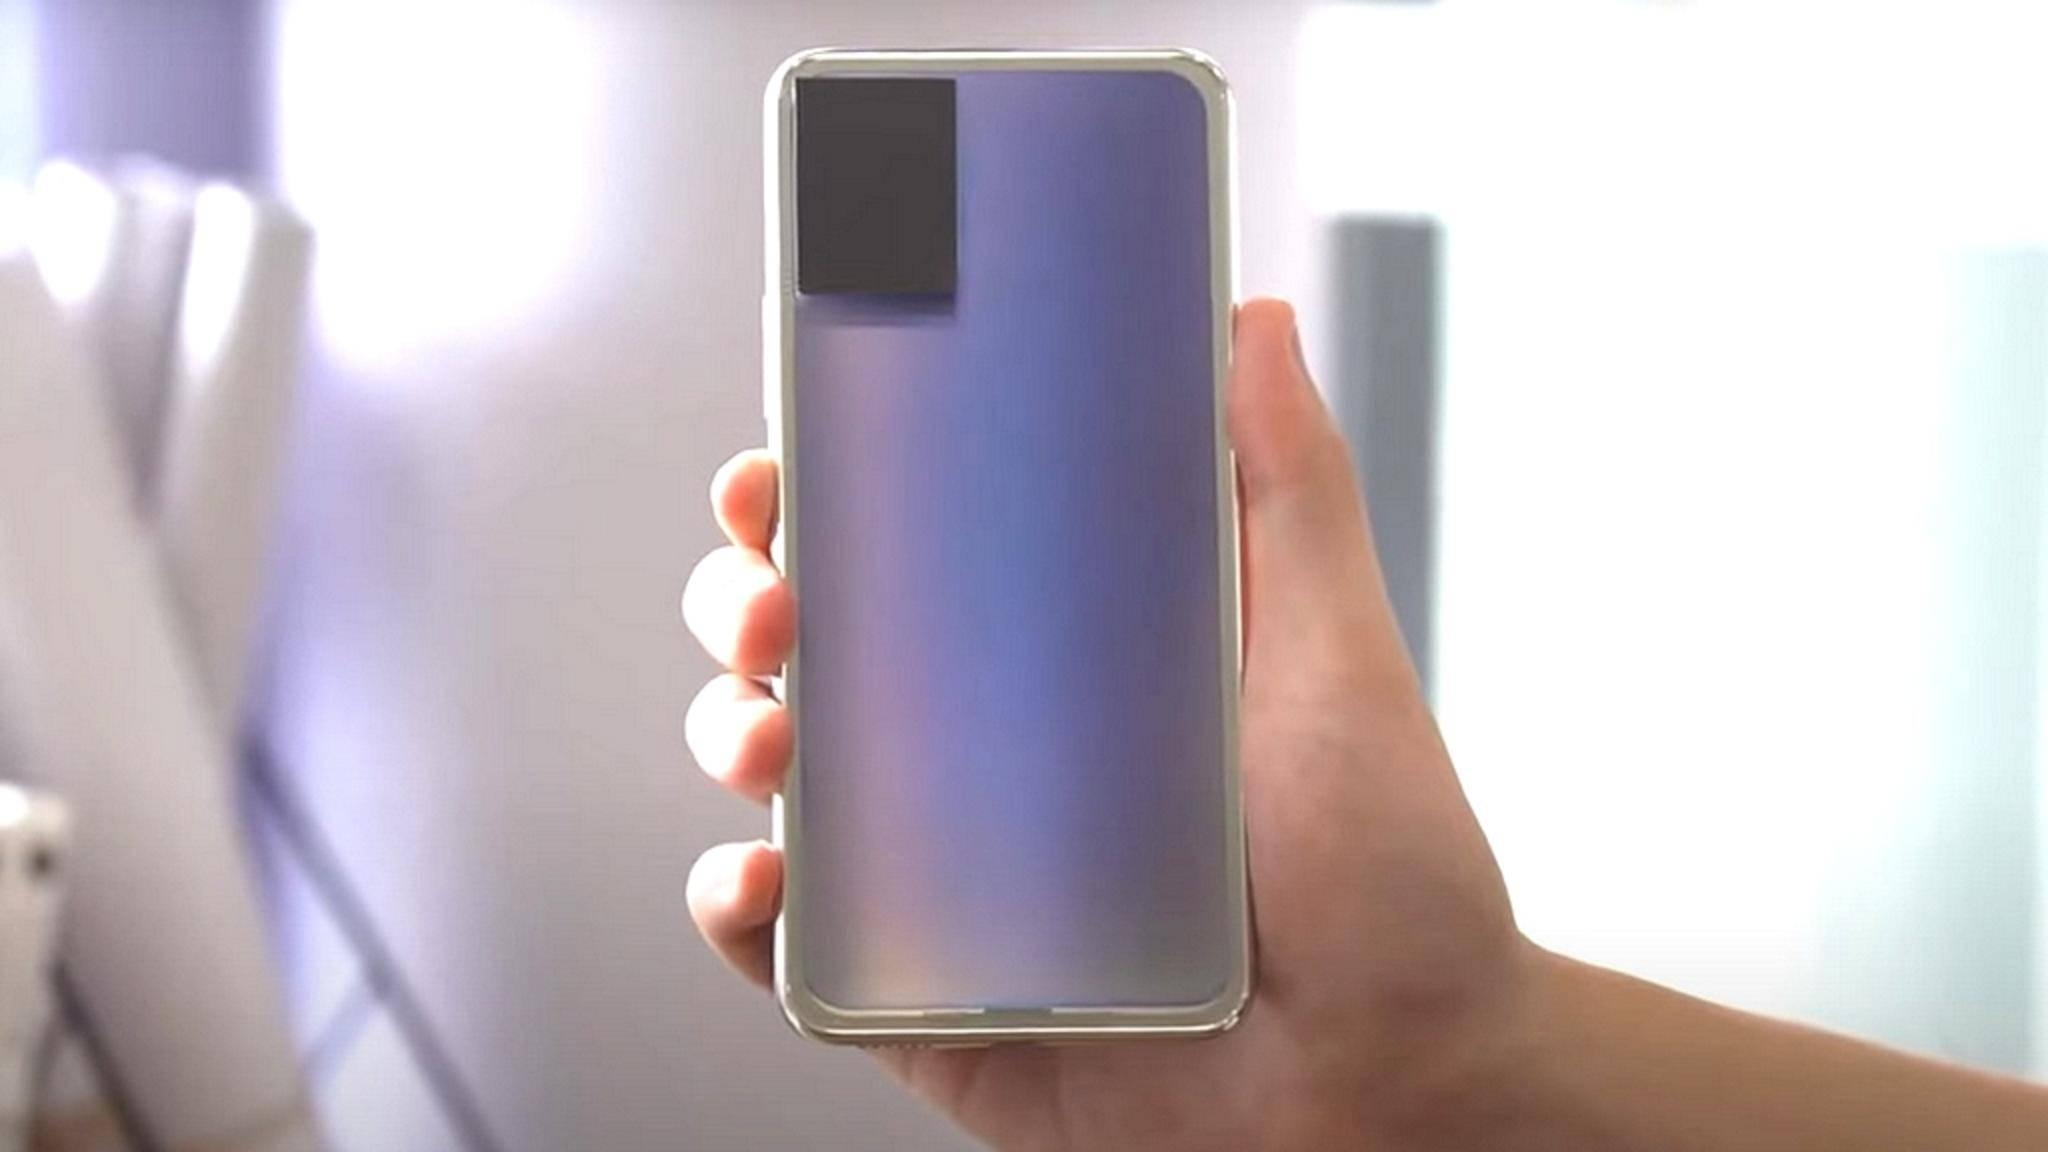 Das ominöse Vivo-Smartphone ändert seine Farbe.